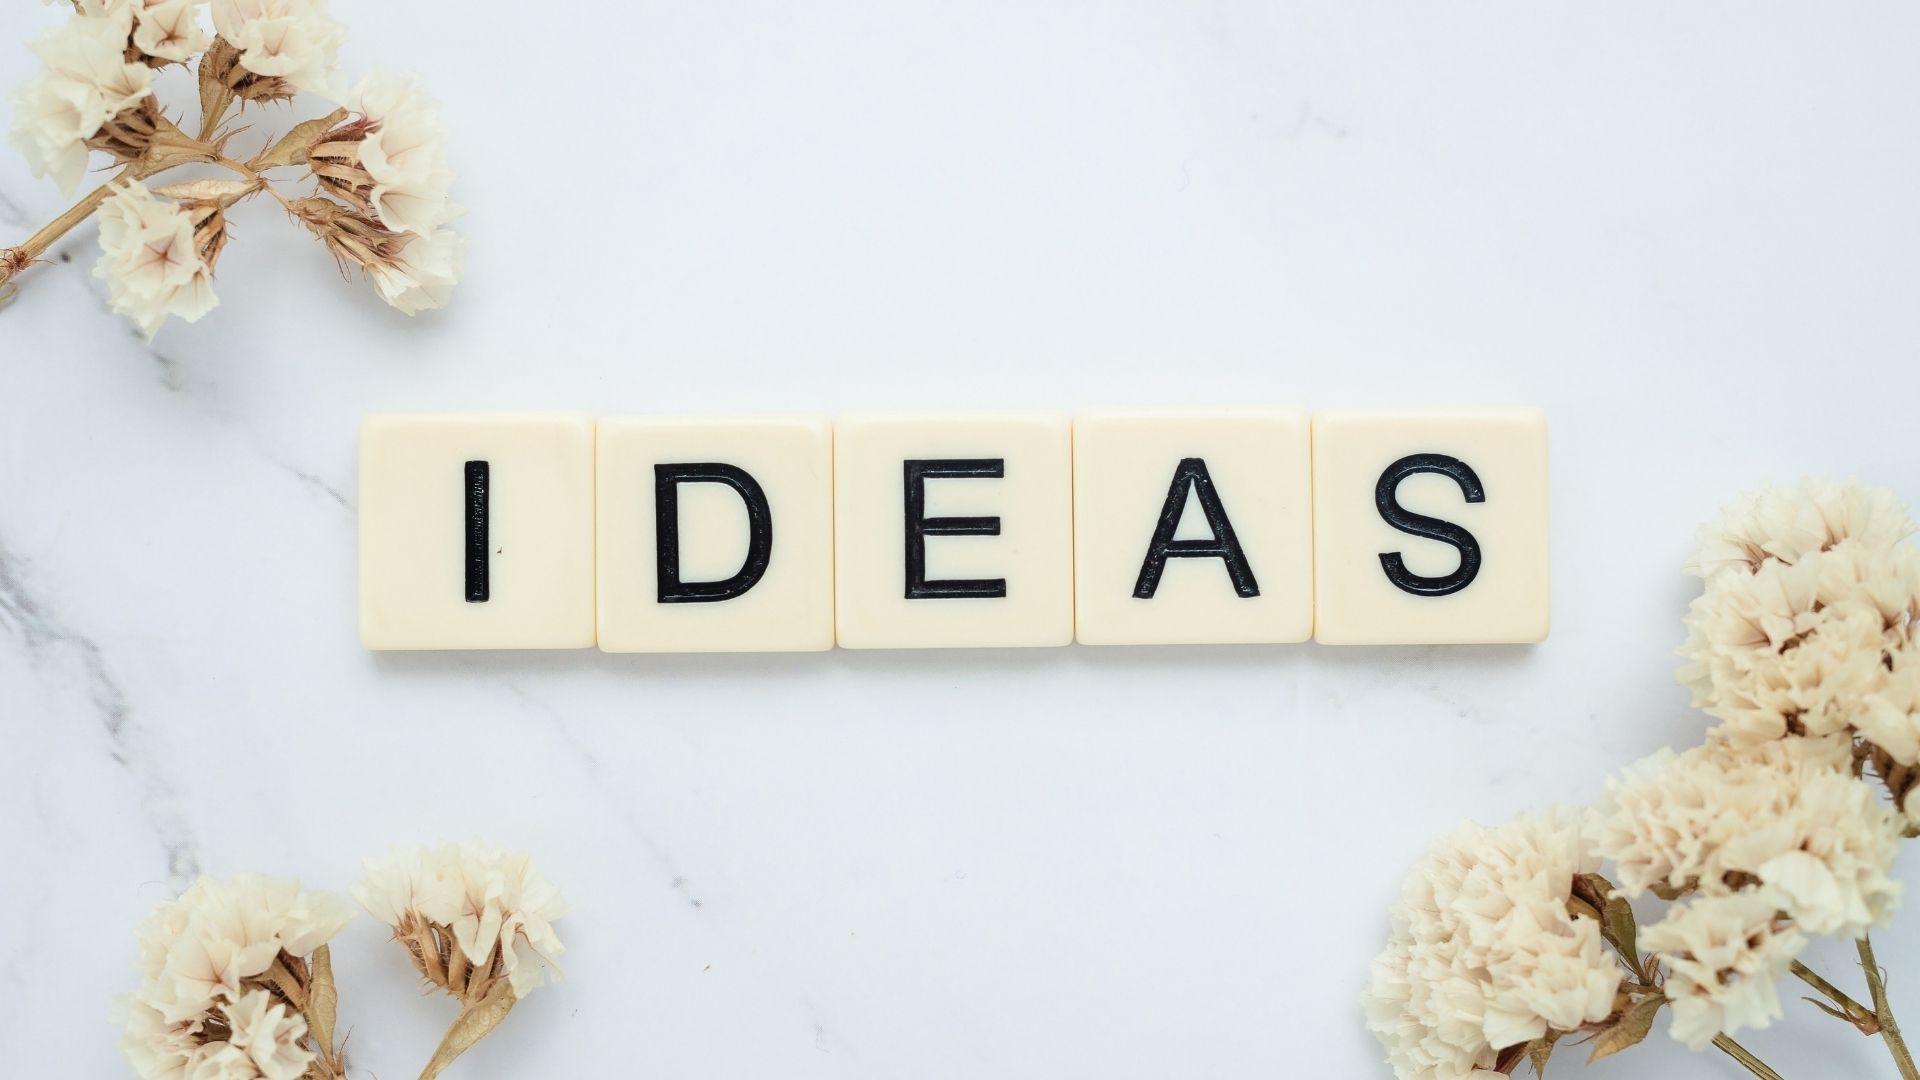 los concursos de ideas permiten innovar junto al consumidor en nuevos productos y servicios